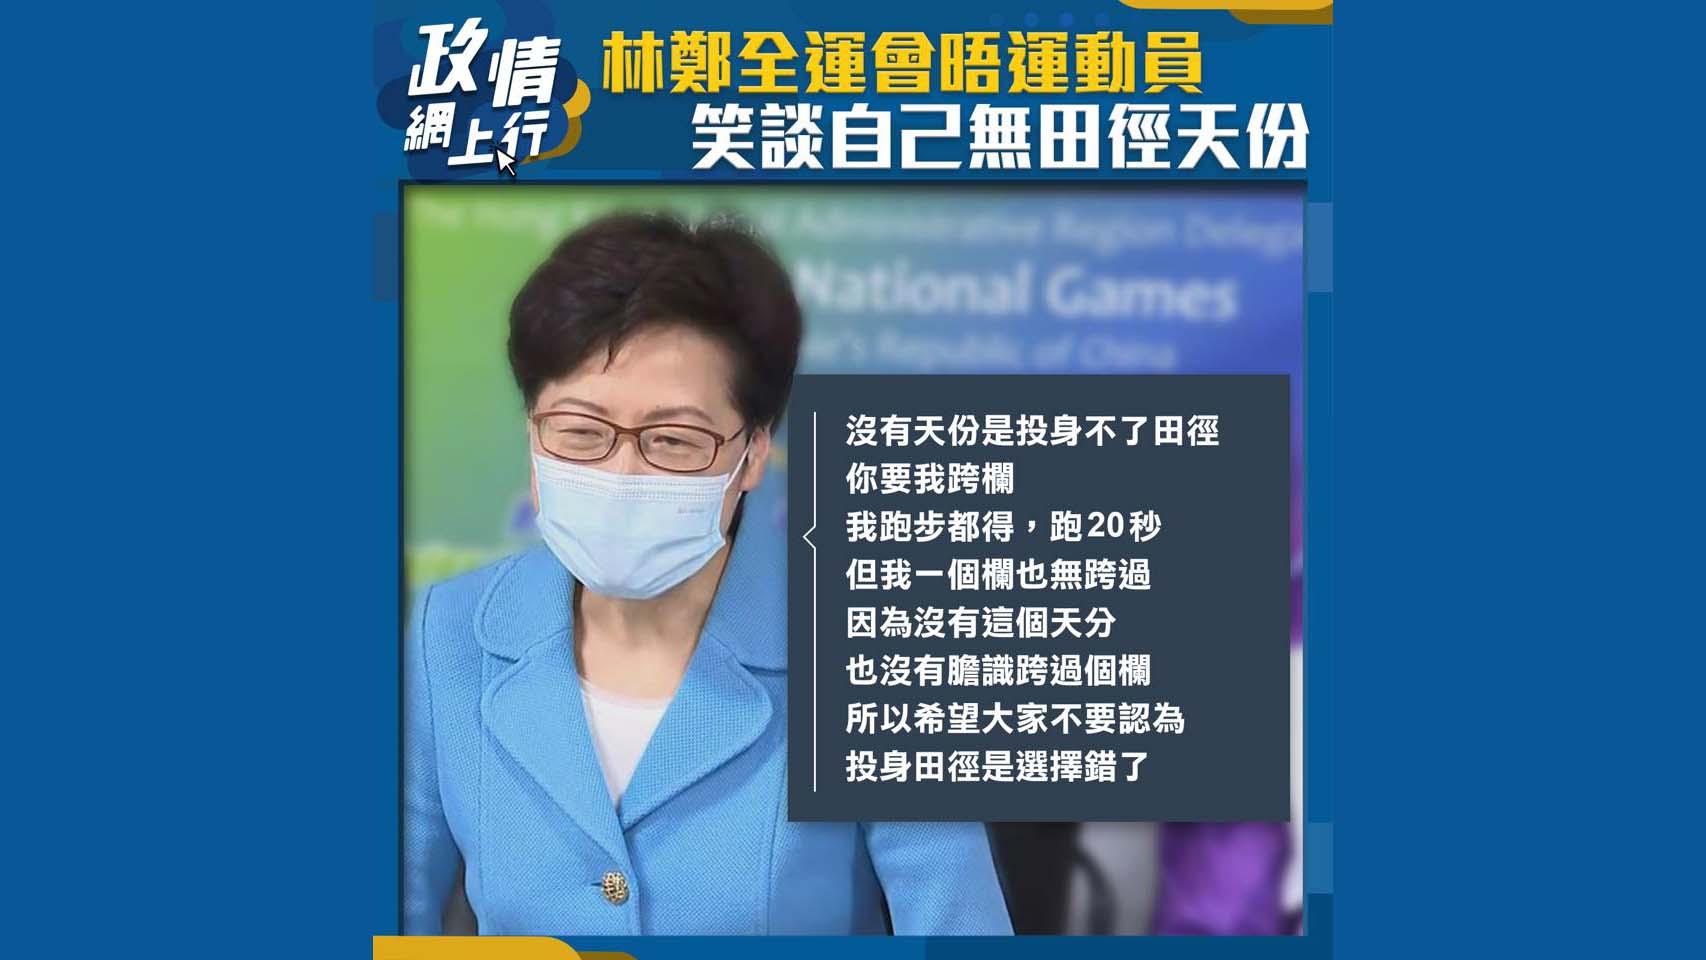 【政情網上行】林鄭全運會晤運動員 笑談自己無田徑天份